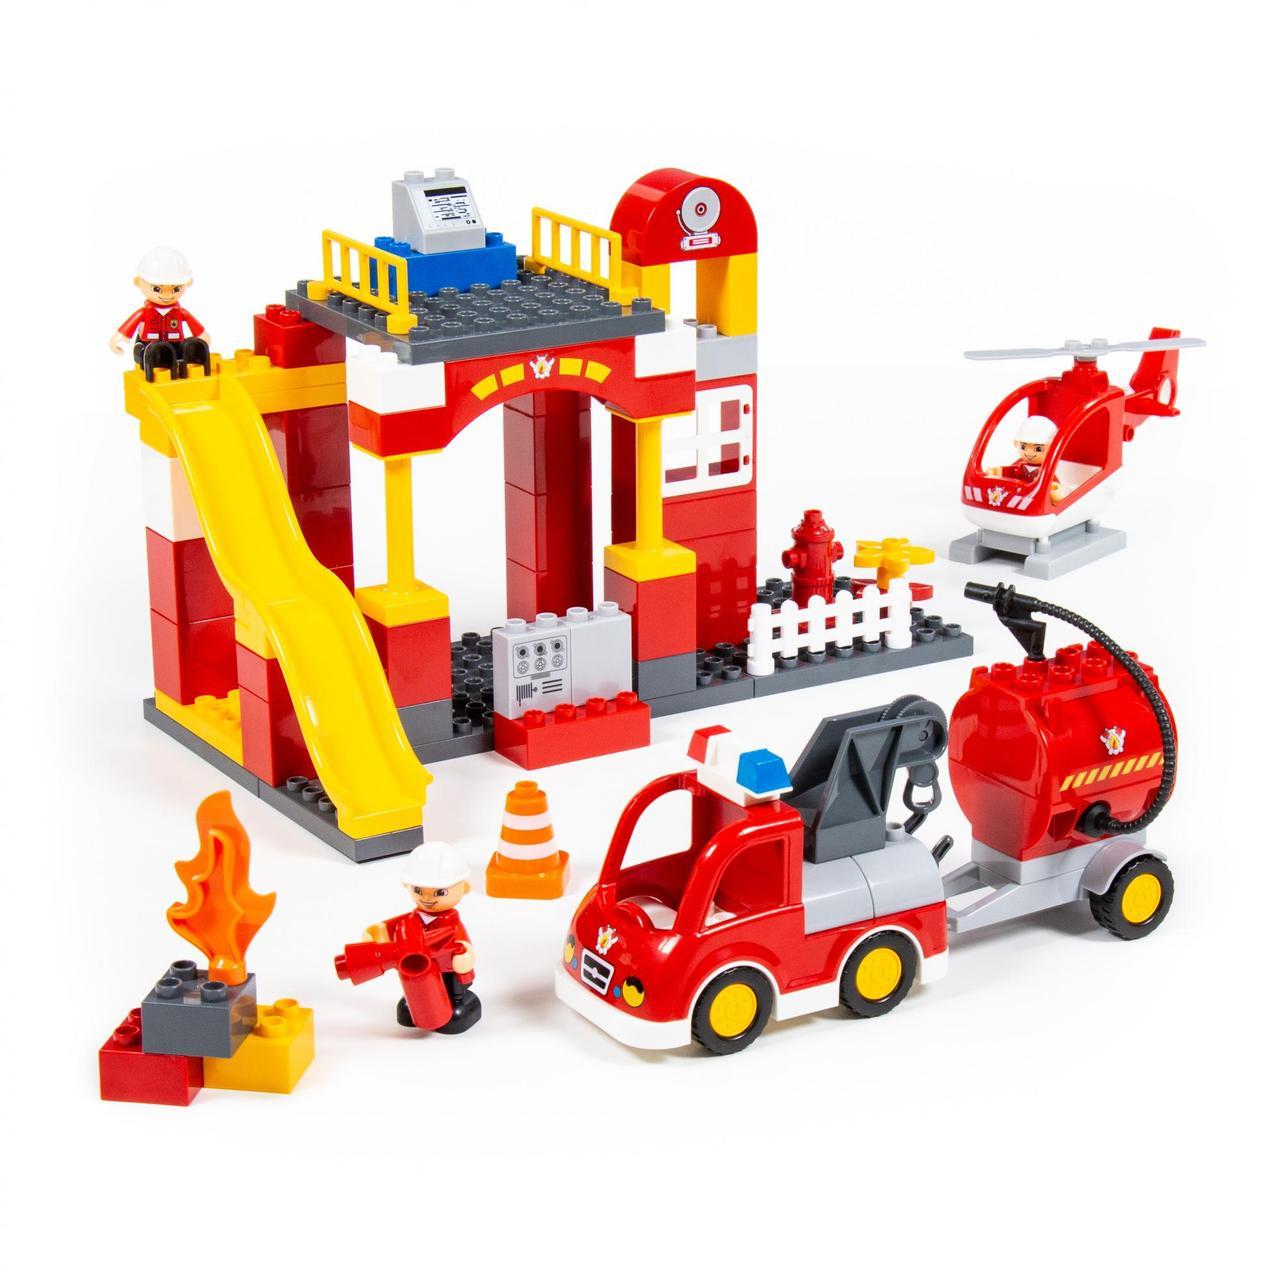 Конструктор Макси Пожарная станция, 81 элемент, «Полесье» (77509)